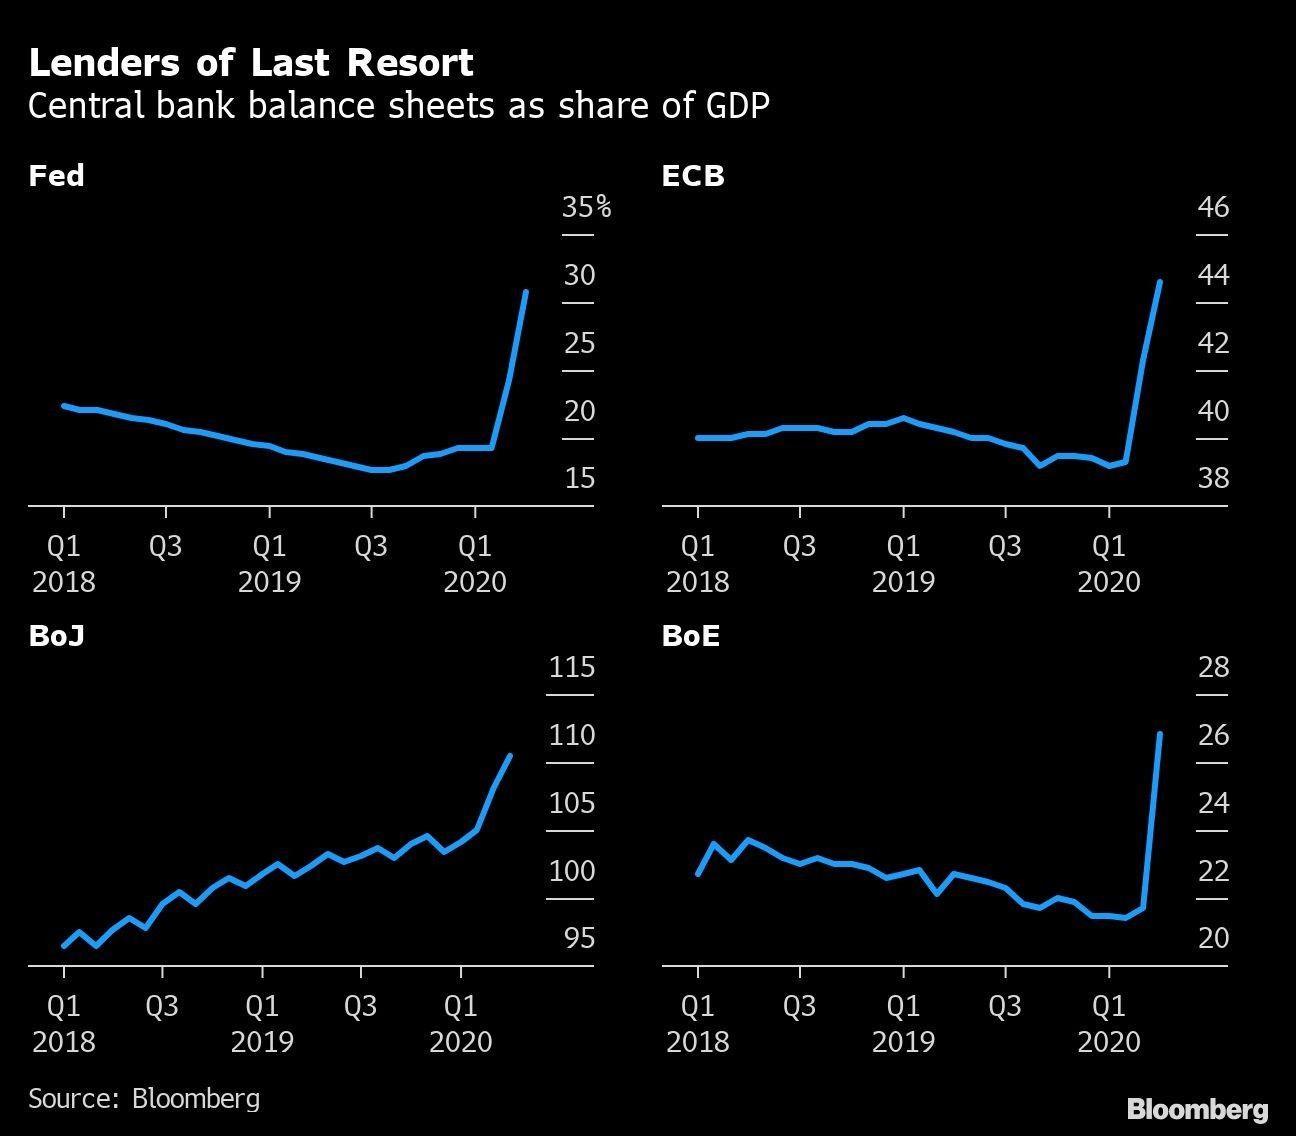 Lenders of Last Resort